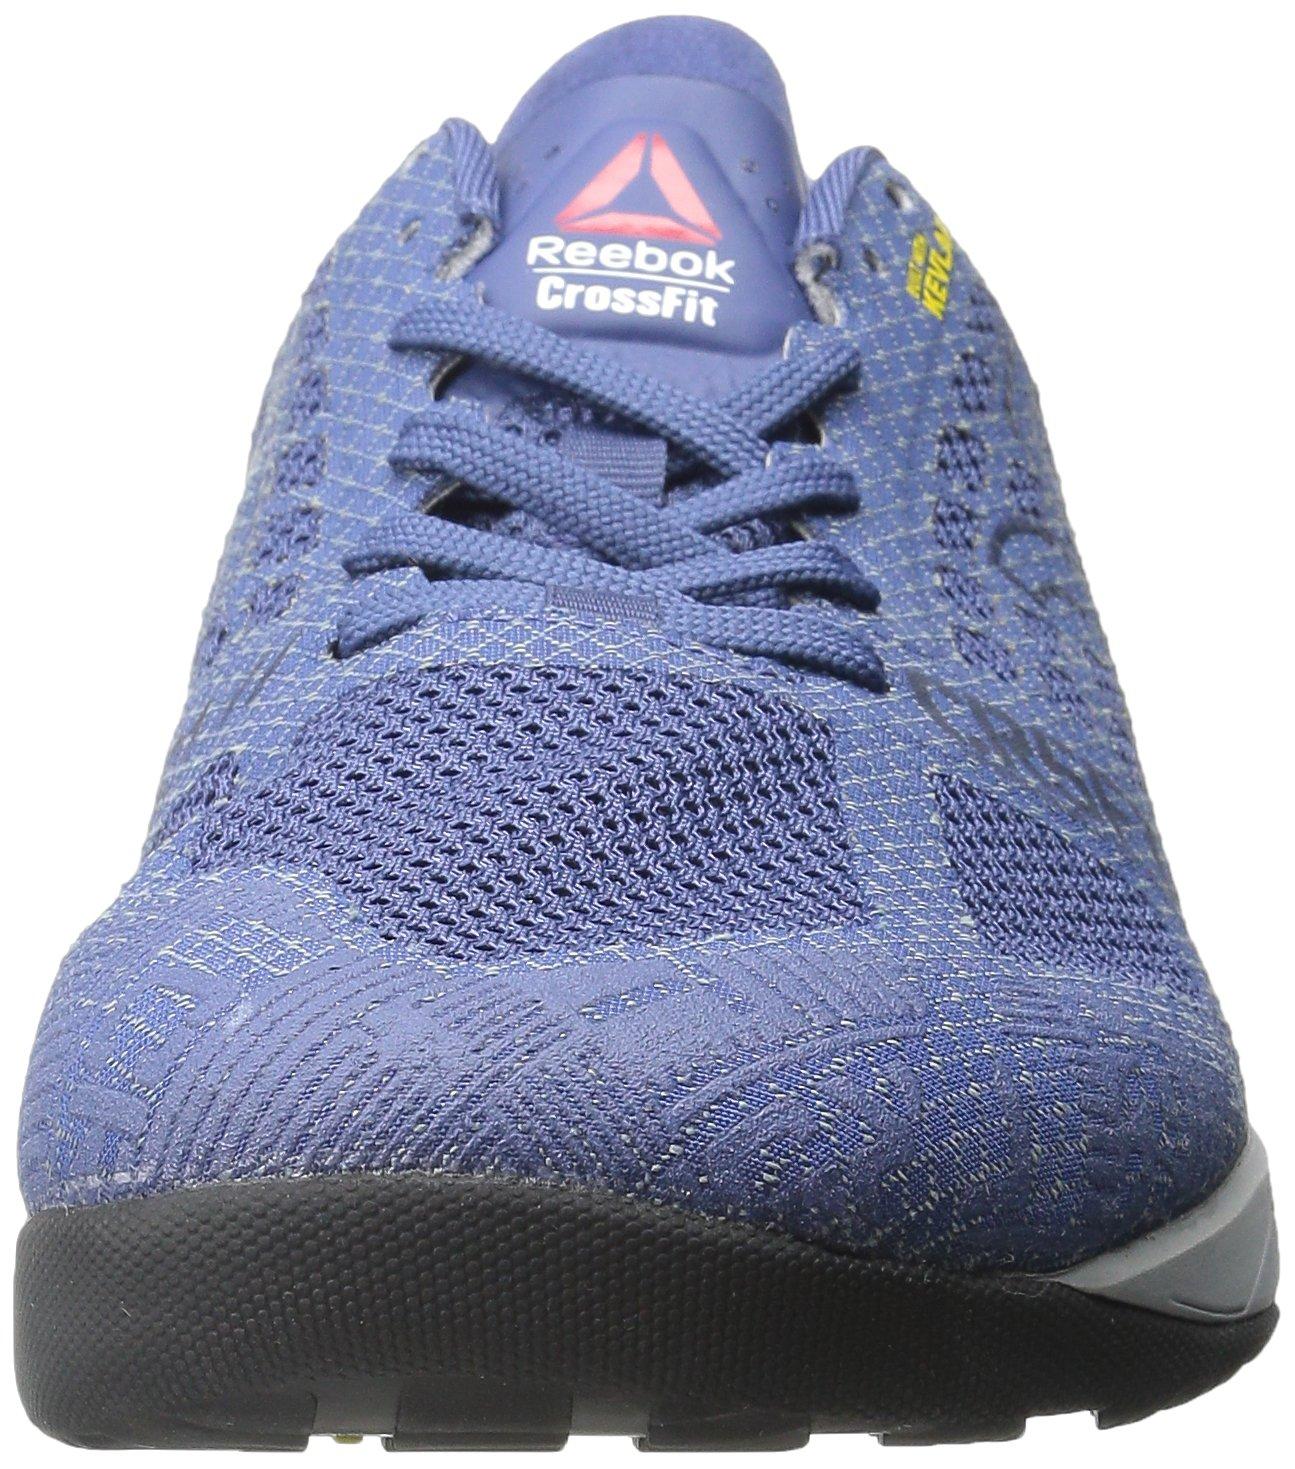 more photos 737a7 73cb1 Zapatillas de entrenamiento Reebok Crossfit Nano 5 para hombre Azul  medianoche   Azul marino colegial   Gris estaño   Tiburón   Negro